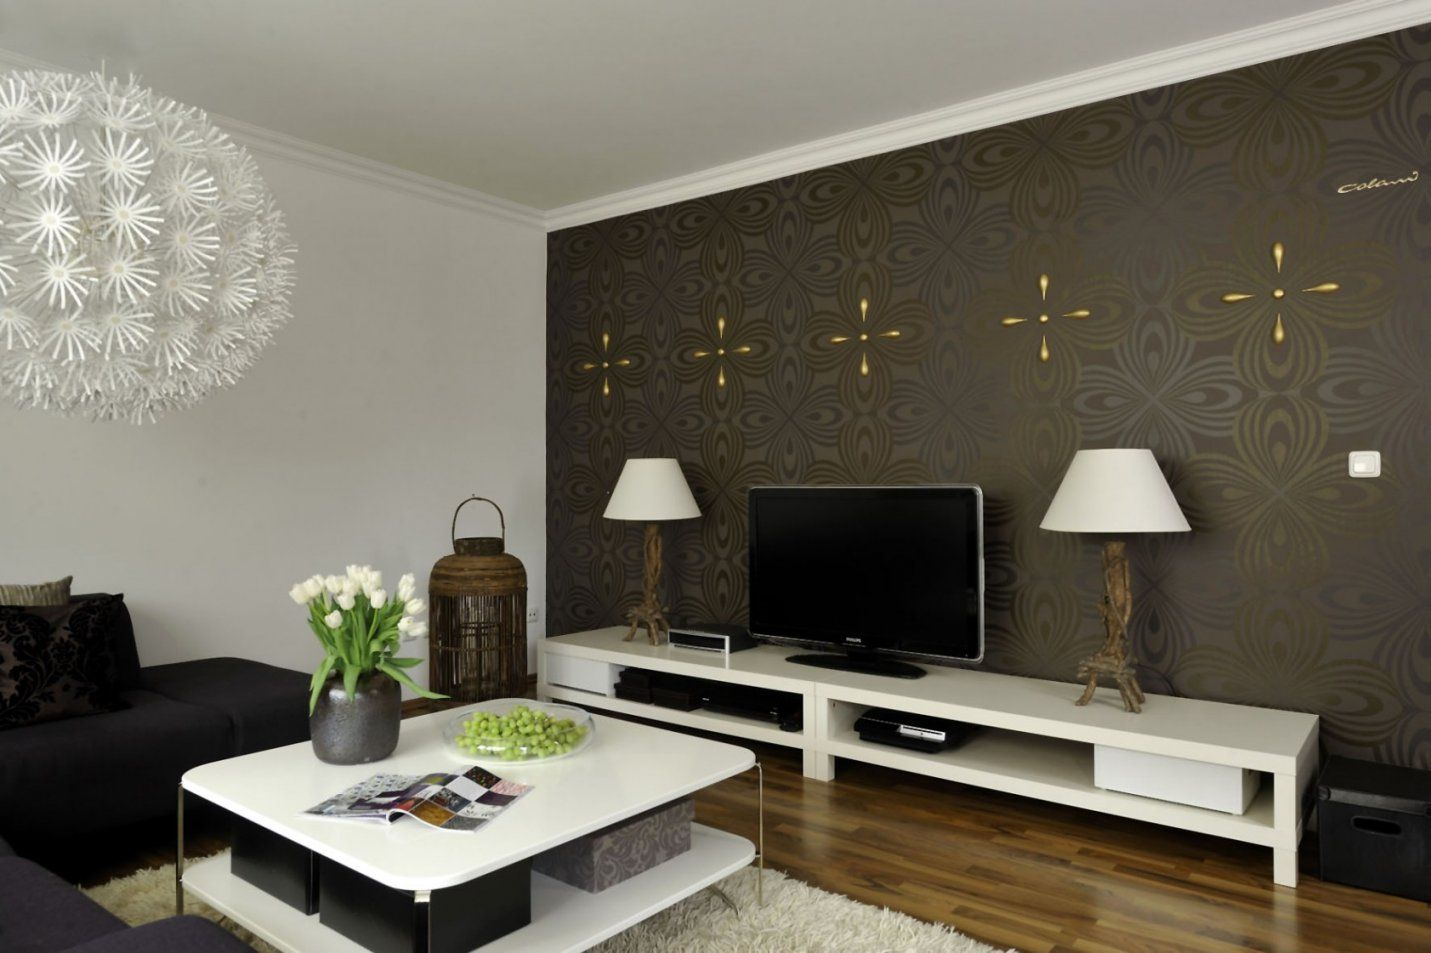 Cool Wohnzimmer Gestalten Tapeten Attraktiv Modell Raum For Lovely Von  Wohnzimmer Gestalten Mit Tapeten Photo